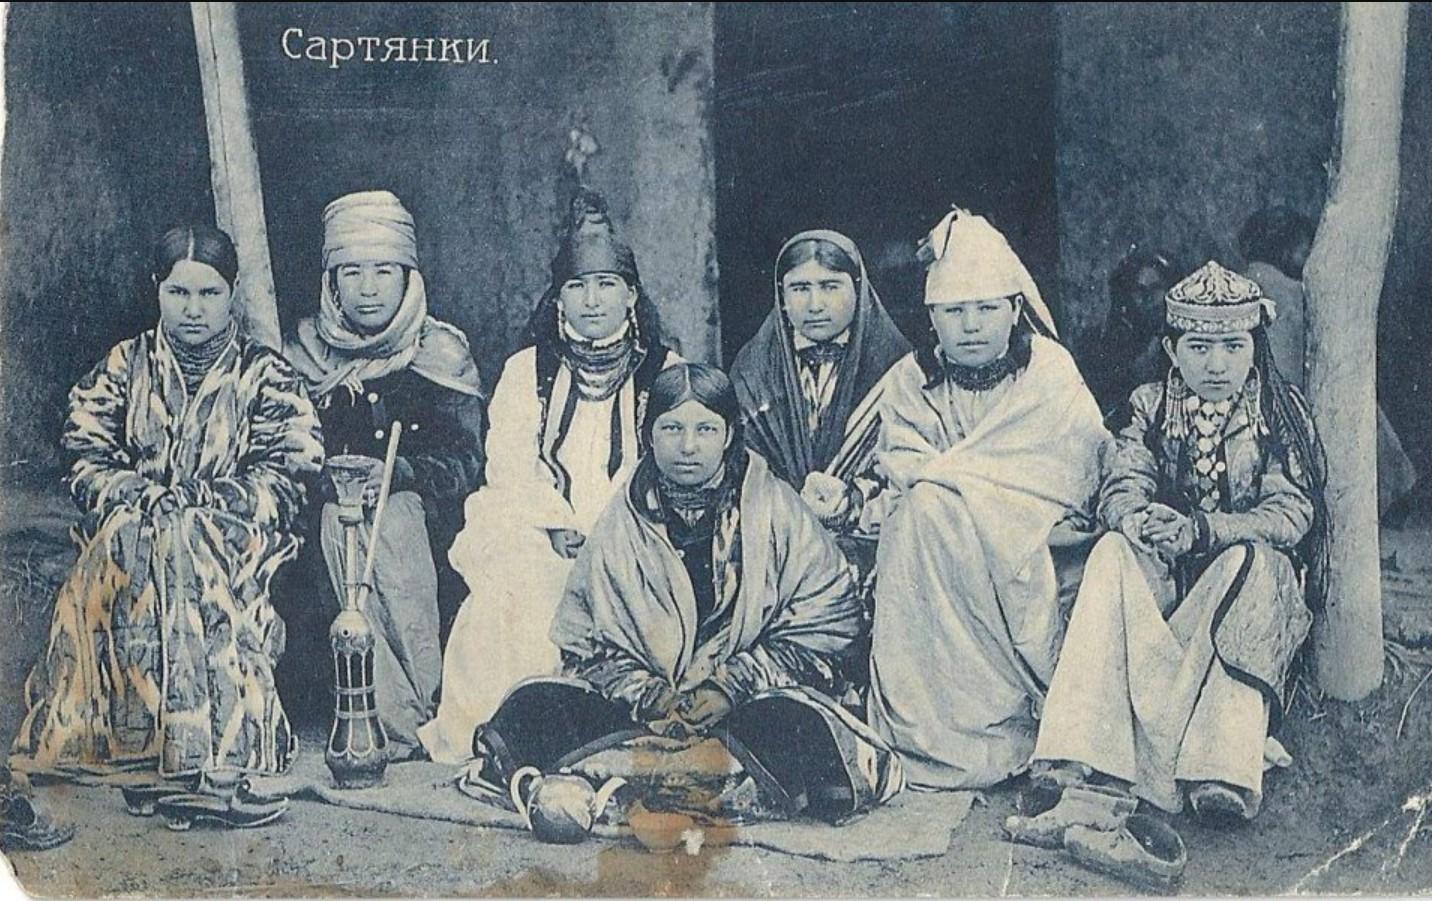 Сартянки